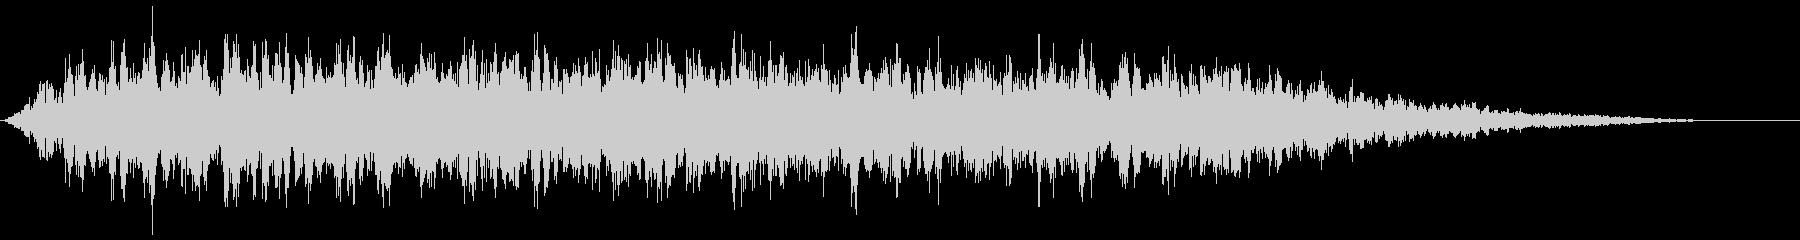 【ダークアンビエント】ホラーBGM_02の未再生の波形